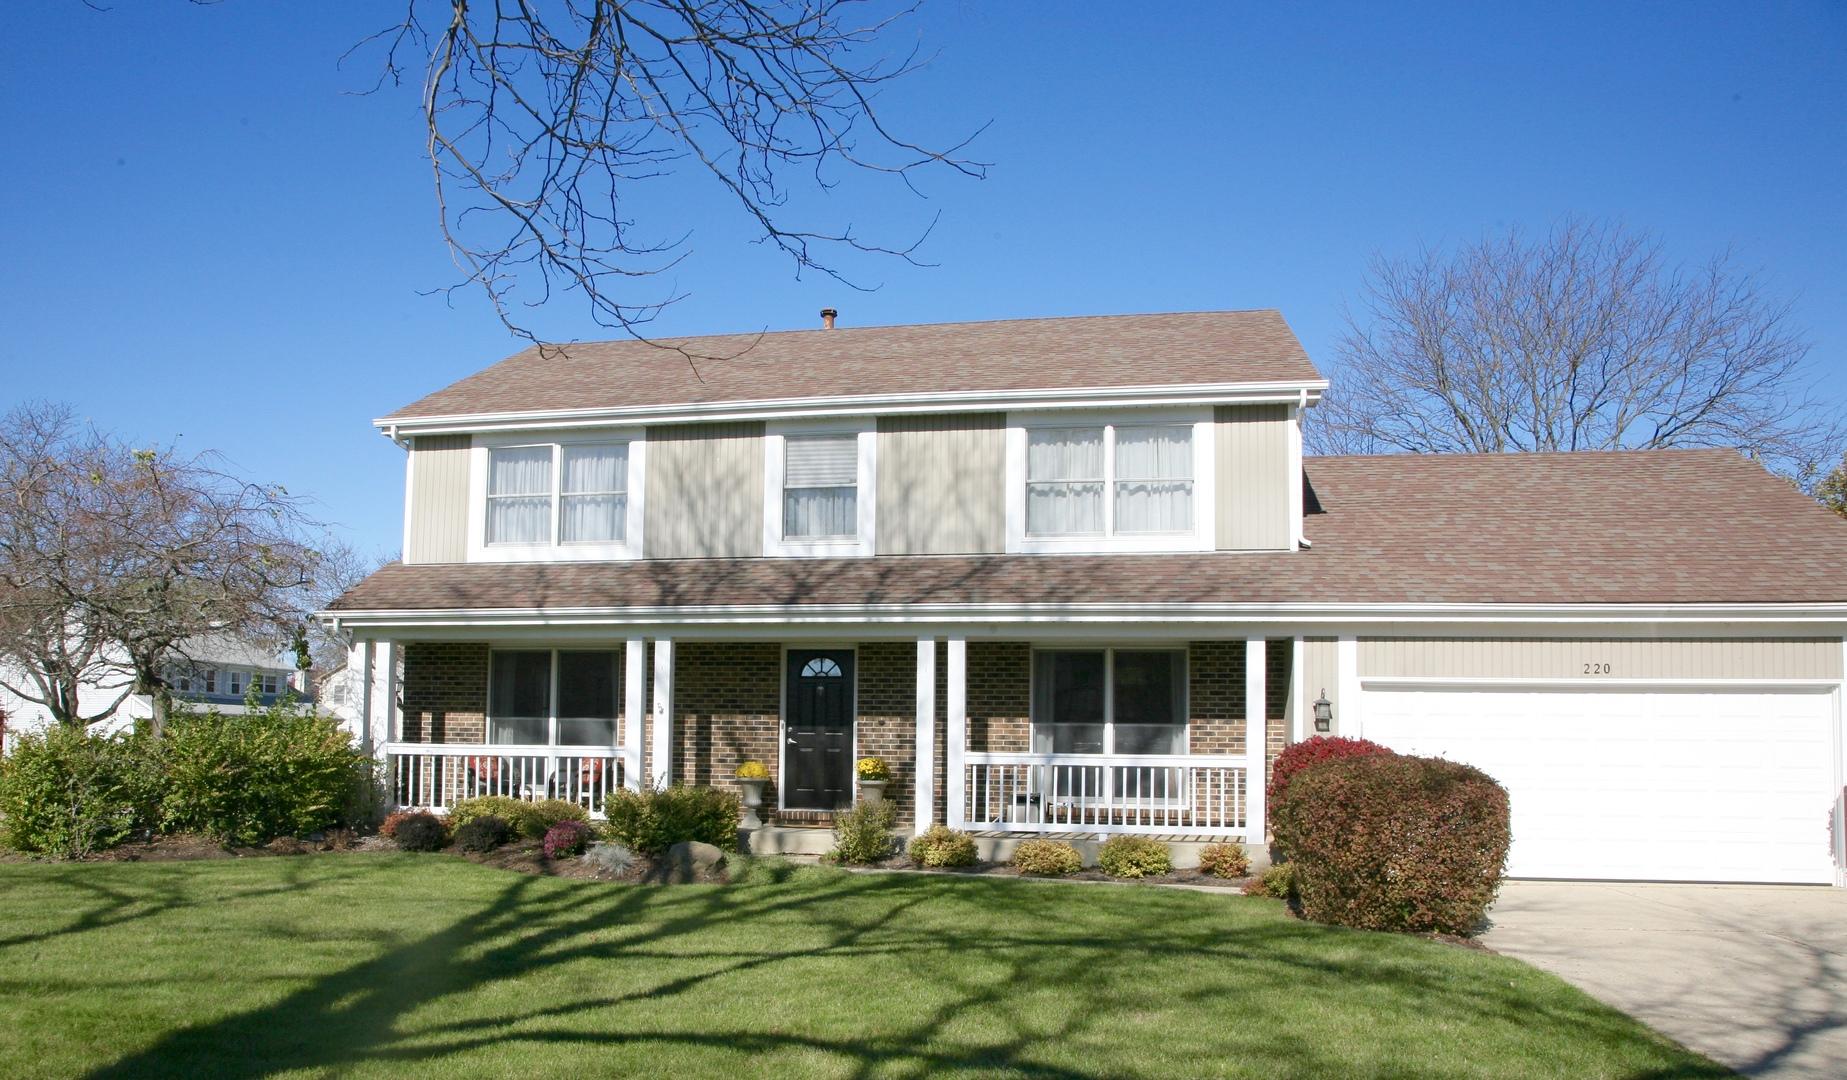 220 Adler Drive, Libertyville, Illinois 60048